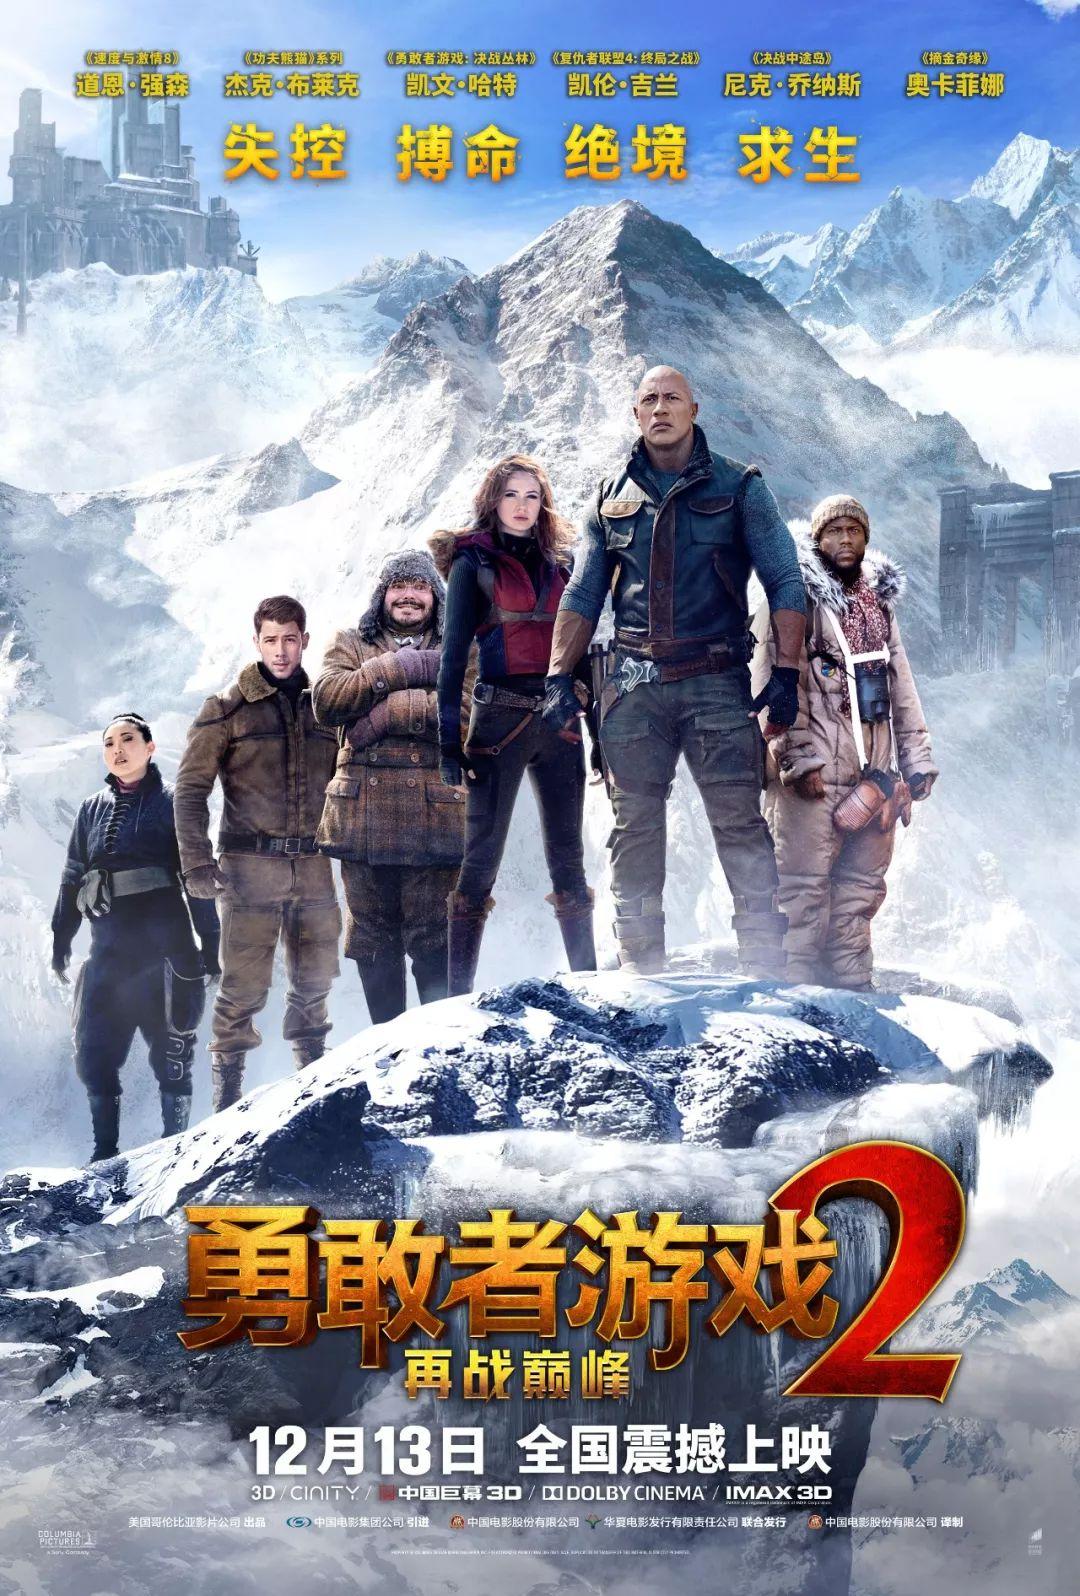 《勇敢者游戏2》定档12月13日,与北美同步上映!